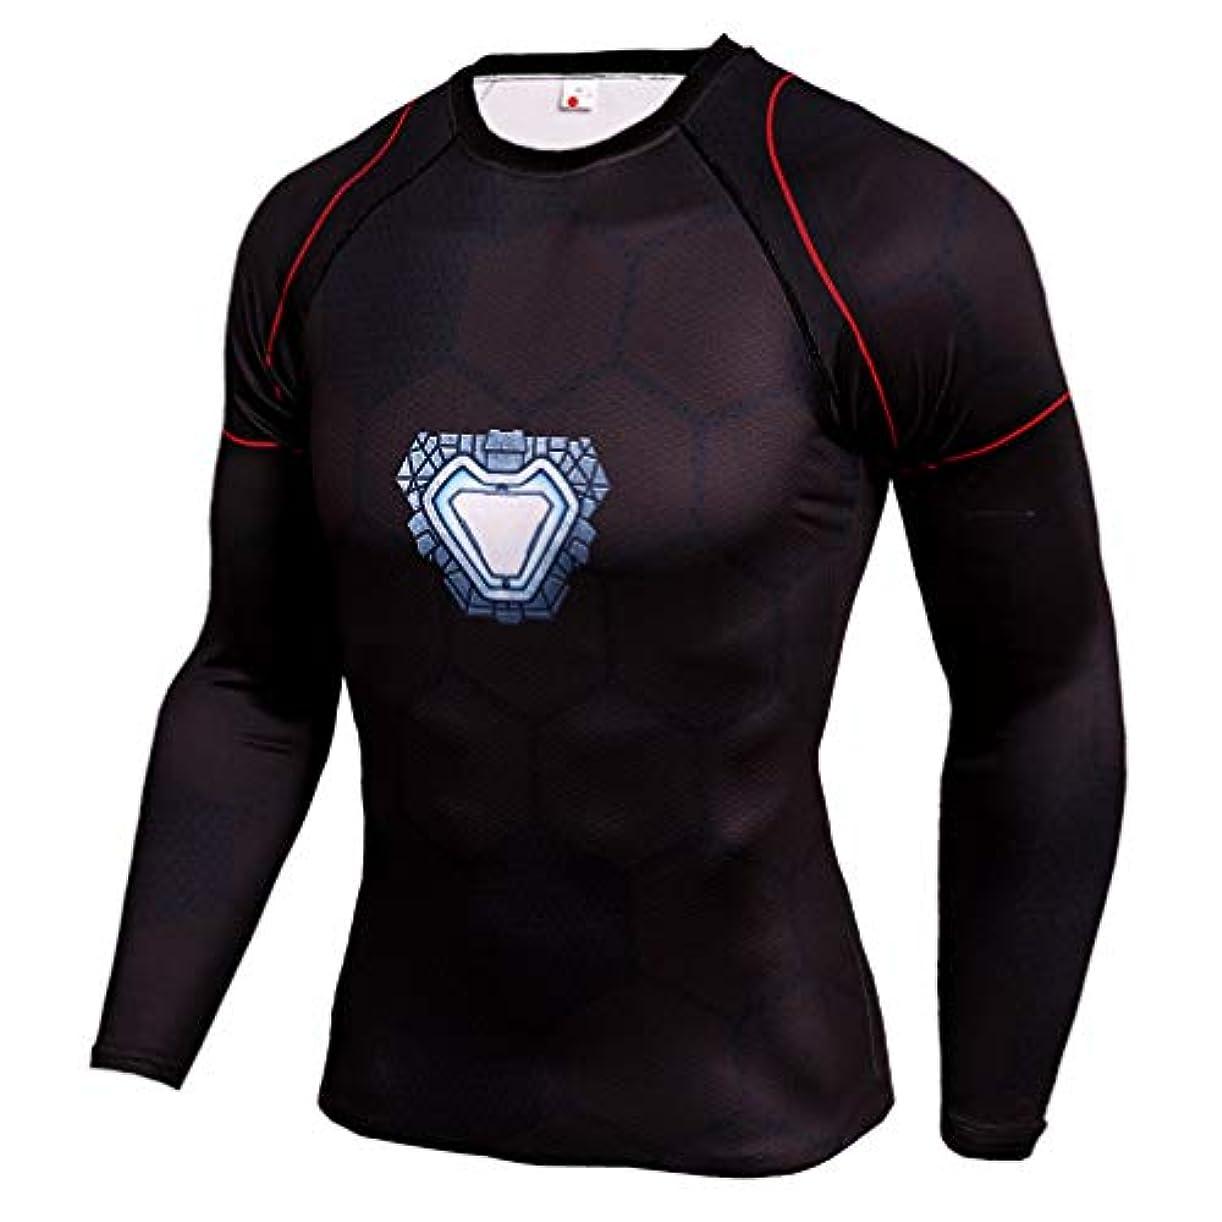 メジャーバラバラにする喜んでメンズ Tシャツ 長袖 Ironman アイアンマン運動 吸汗速乾 オールシーズン コンプレッションウェア パワーストレッチ アンダーウェア